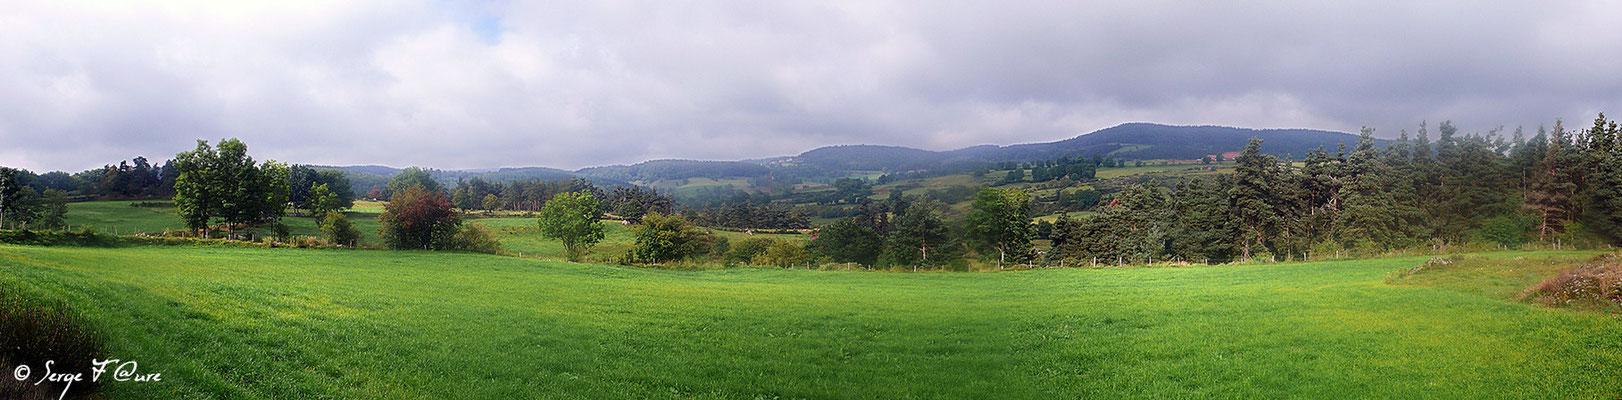 Sur le chemin de St Jacques de Compostelle (santiago de compostela) - Le Chemin du Puy ou Via Podiensis (variante par Rocamadour) - Septembre 2014